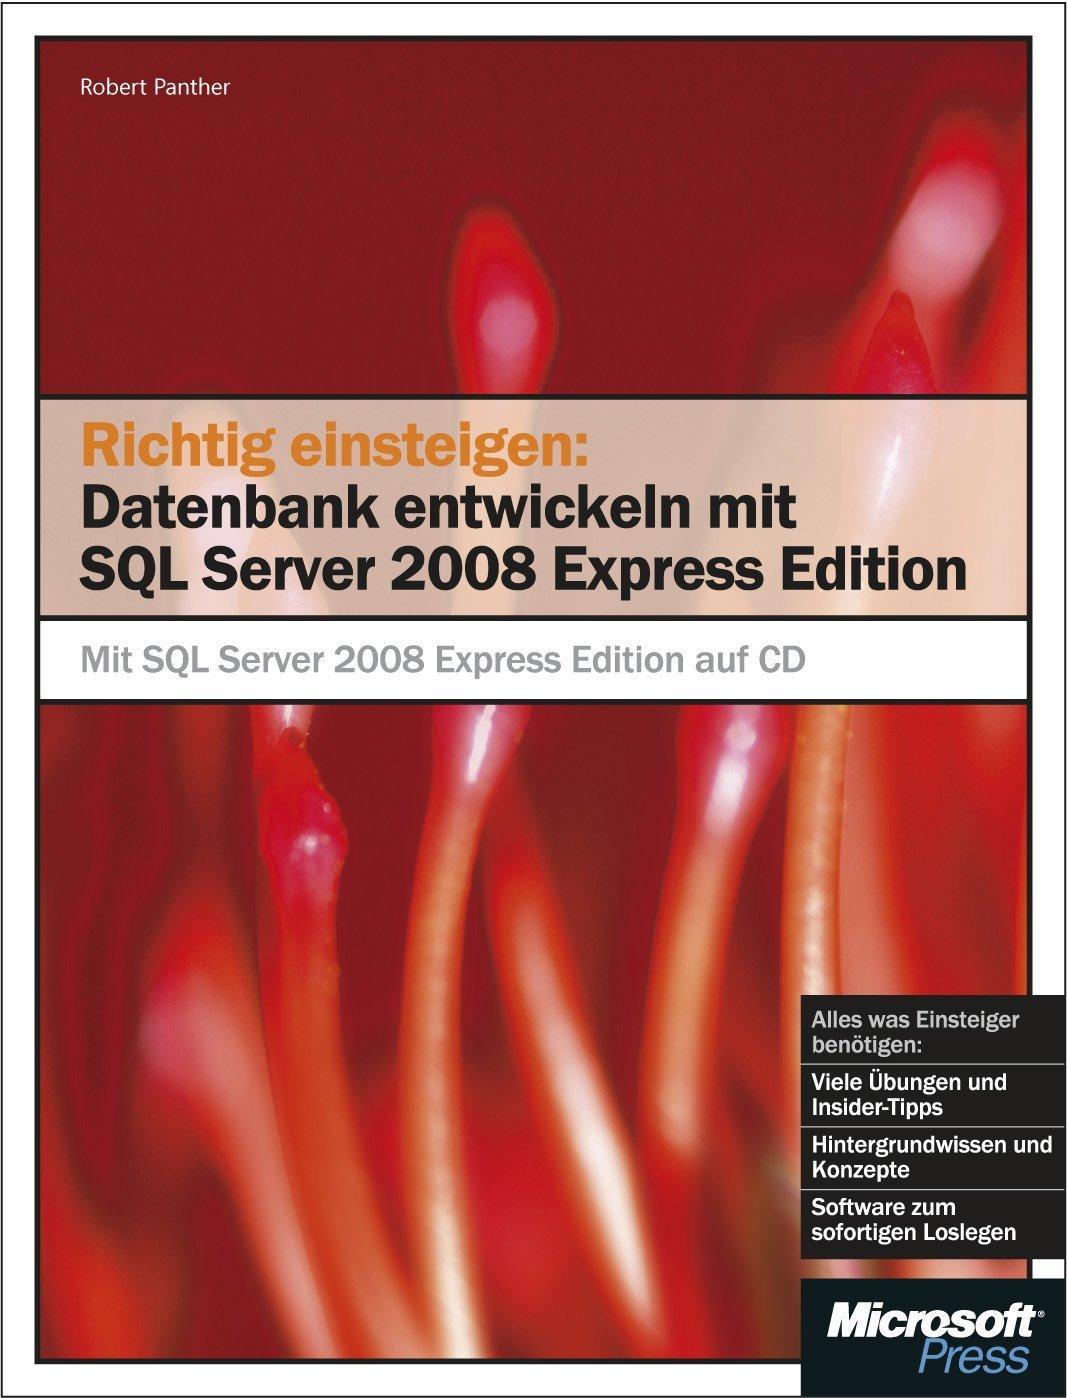 Richtig einsteigen: Datenbanken entwickeln mit SQL Server 2008 Express Edition Broschiert – 18. August 2009 Robert Panther Microsoft 3866452047 MAK_new_usd__9783866452046